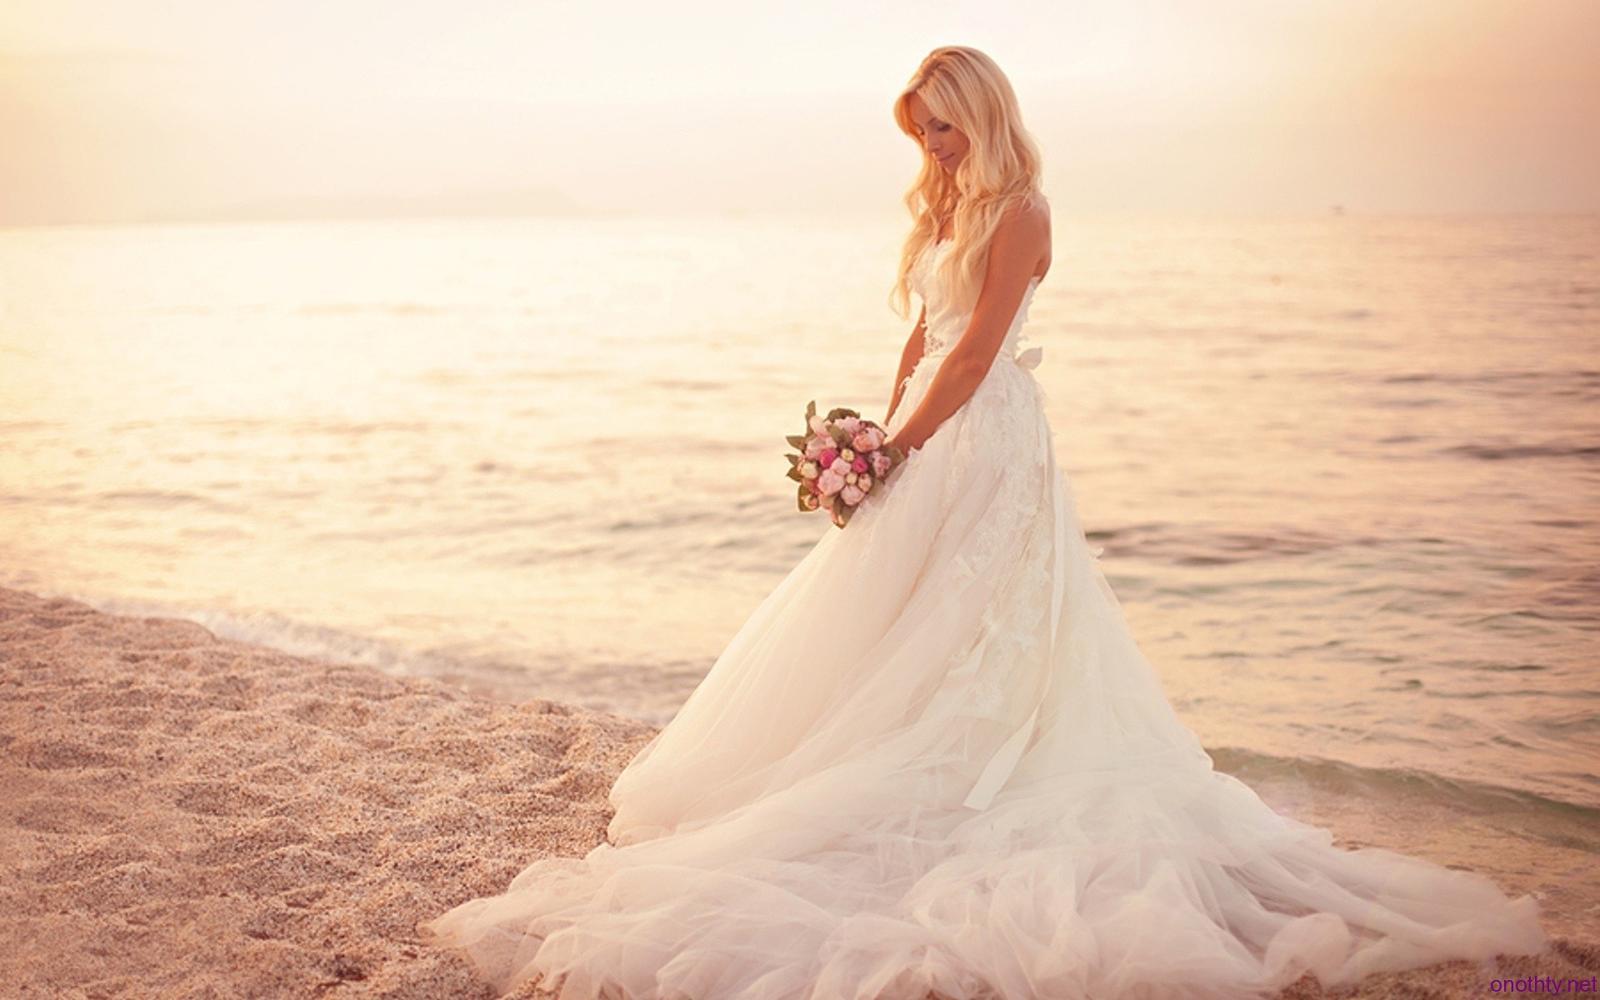 Najkrajšie svadobné fotografie 💑 - Obrázok č. 66